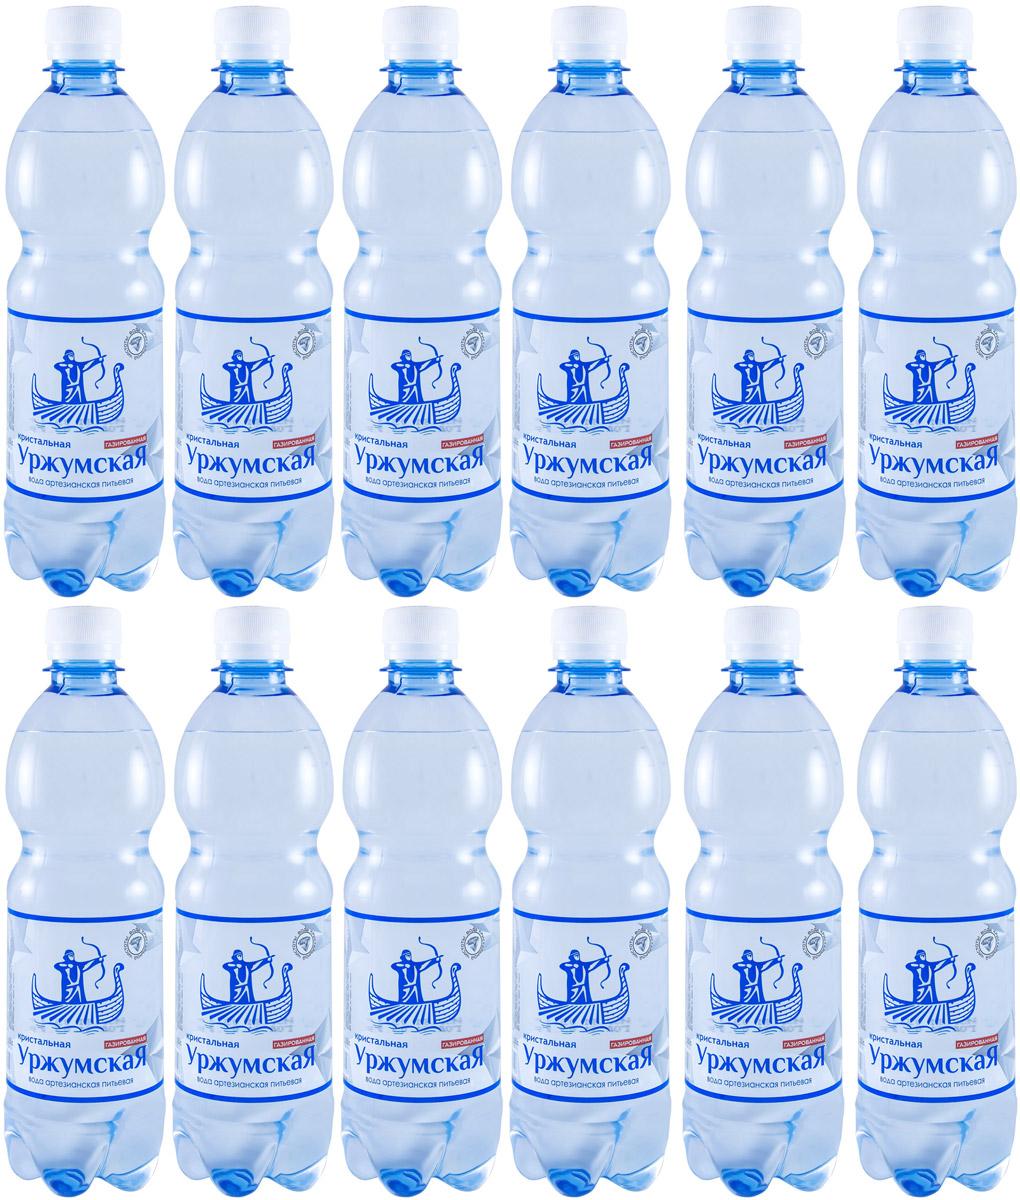 Уржумская Кристальная вода питьевая газированная, 12 штук по 0,5 л4607034170127Добывается из артезианской скважины, проходит 3 этапа обработки, сохраняя в себе все полезные микроэлементы.